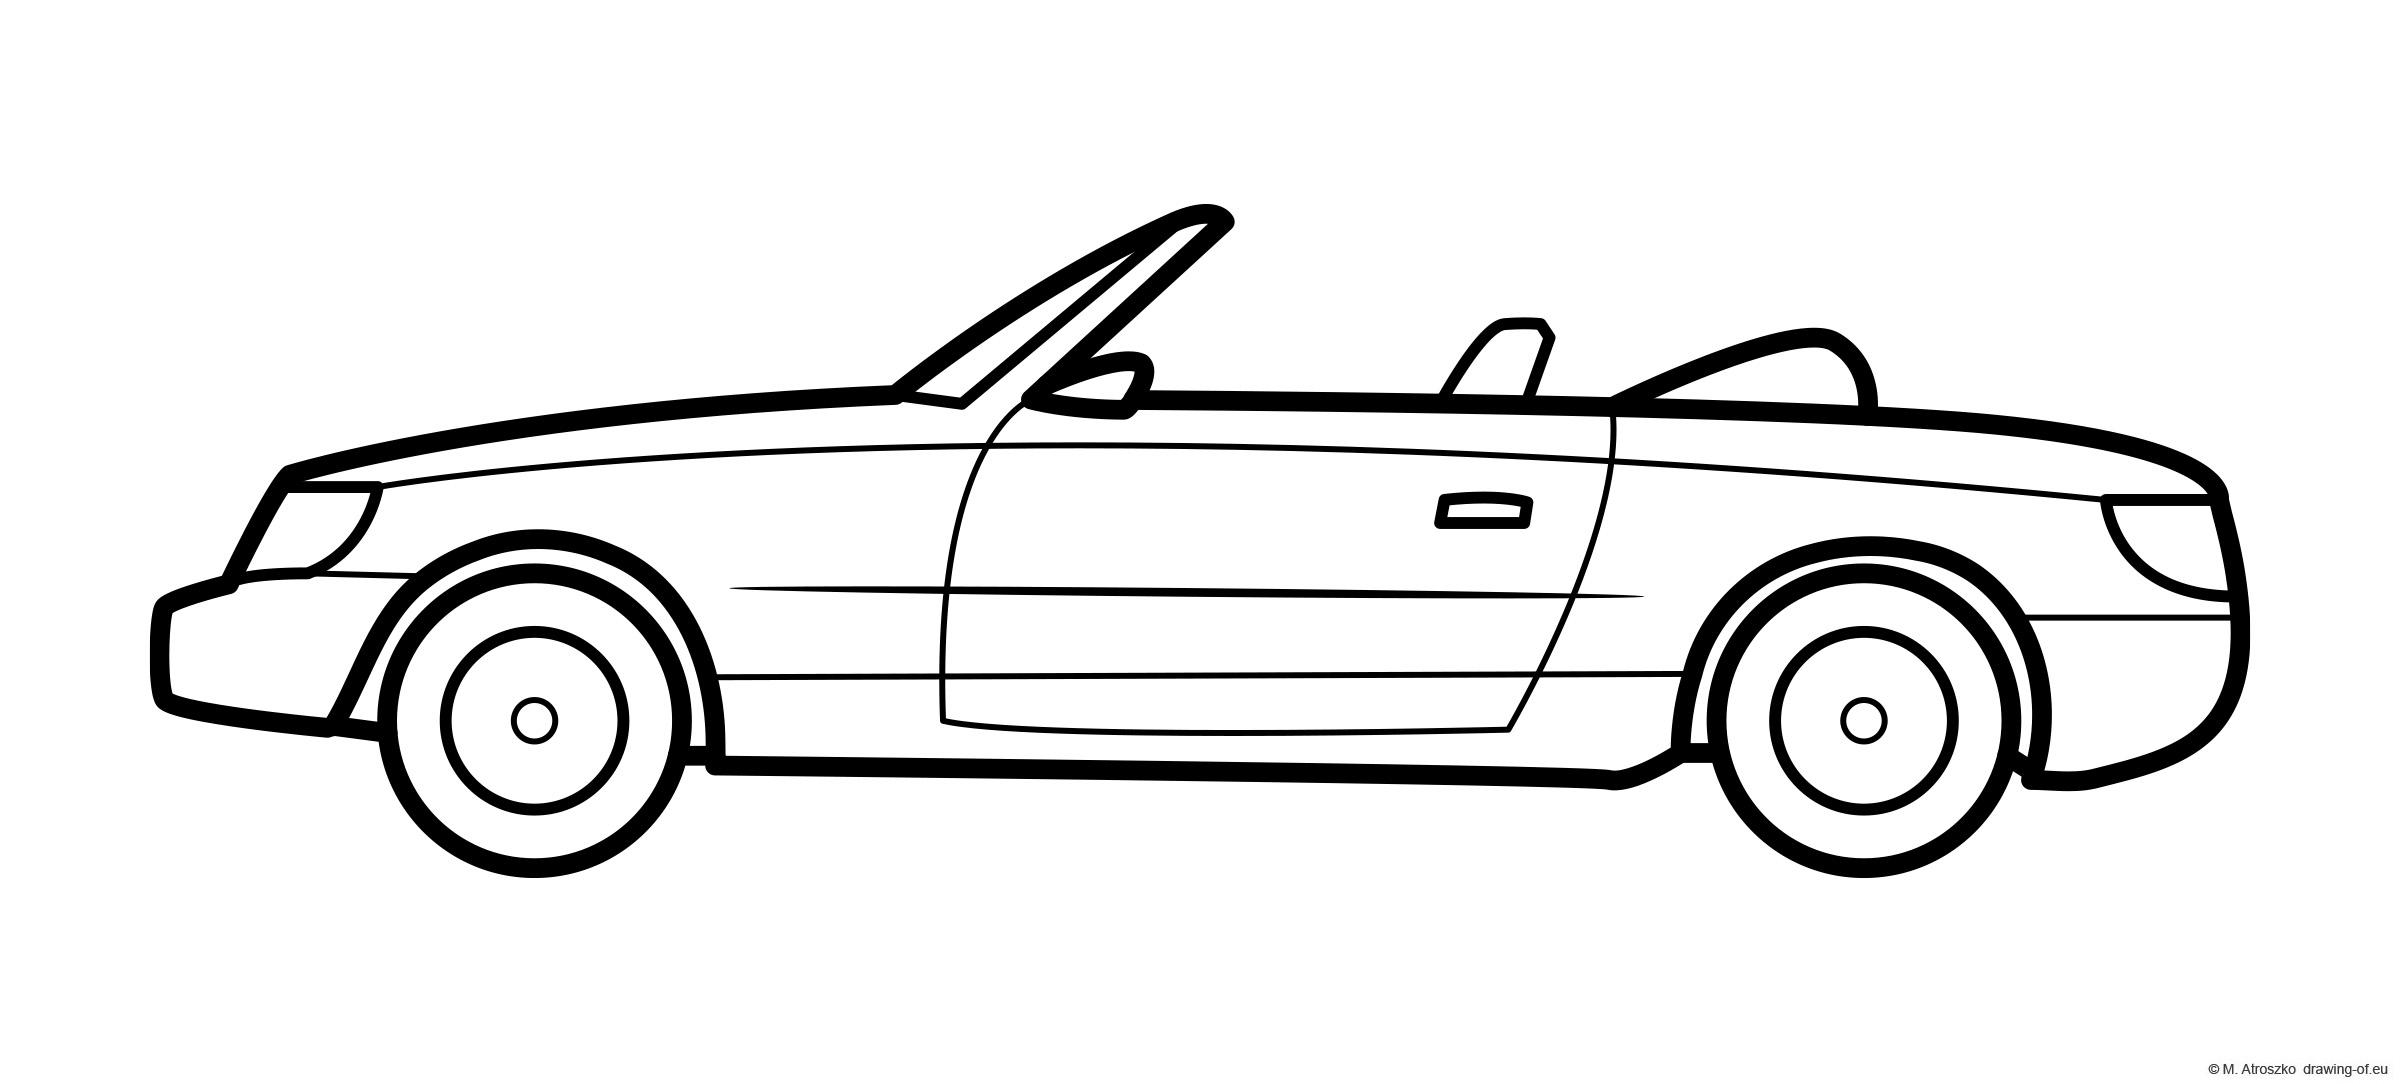 Cabrio car coloring page - convertible